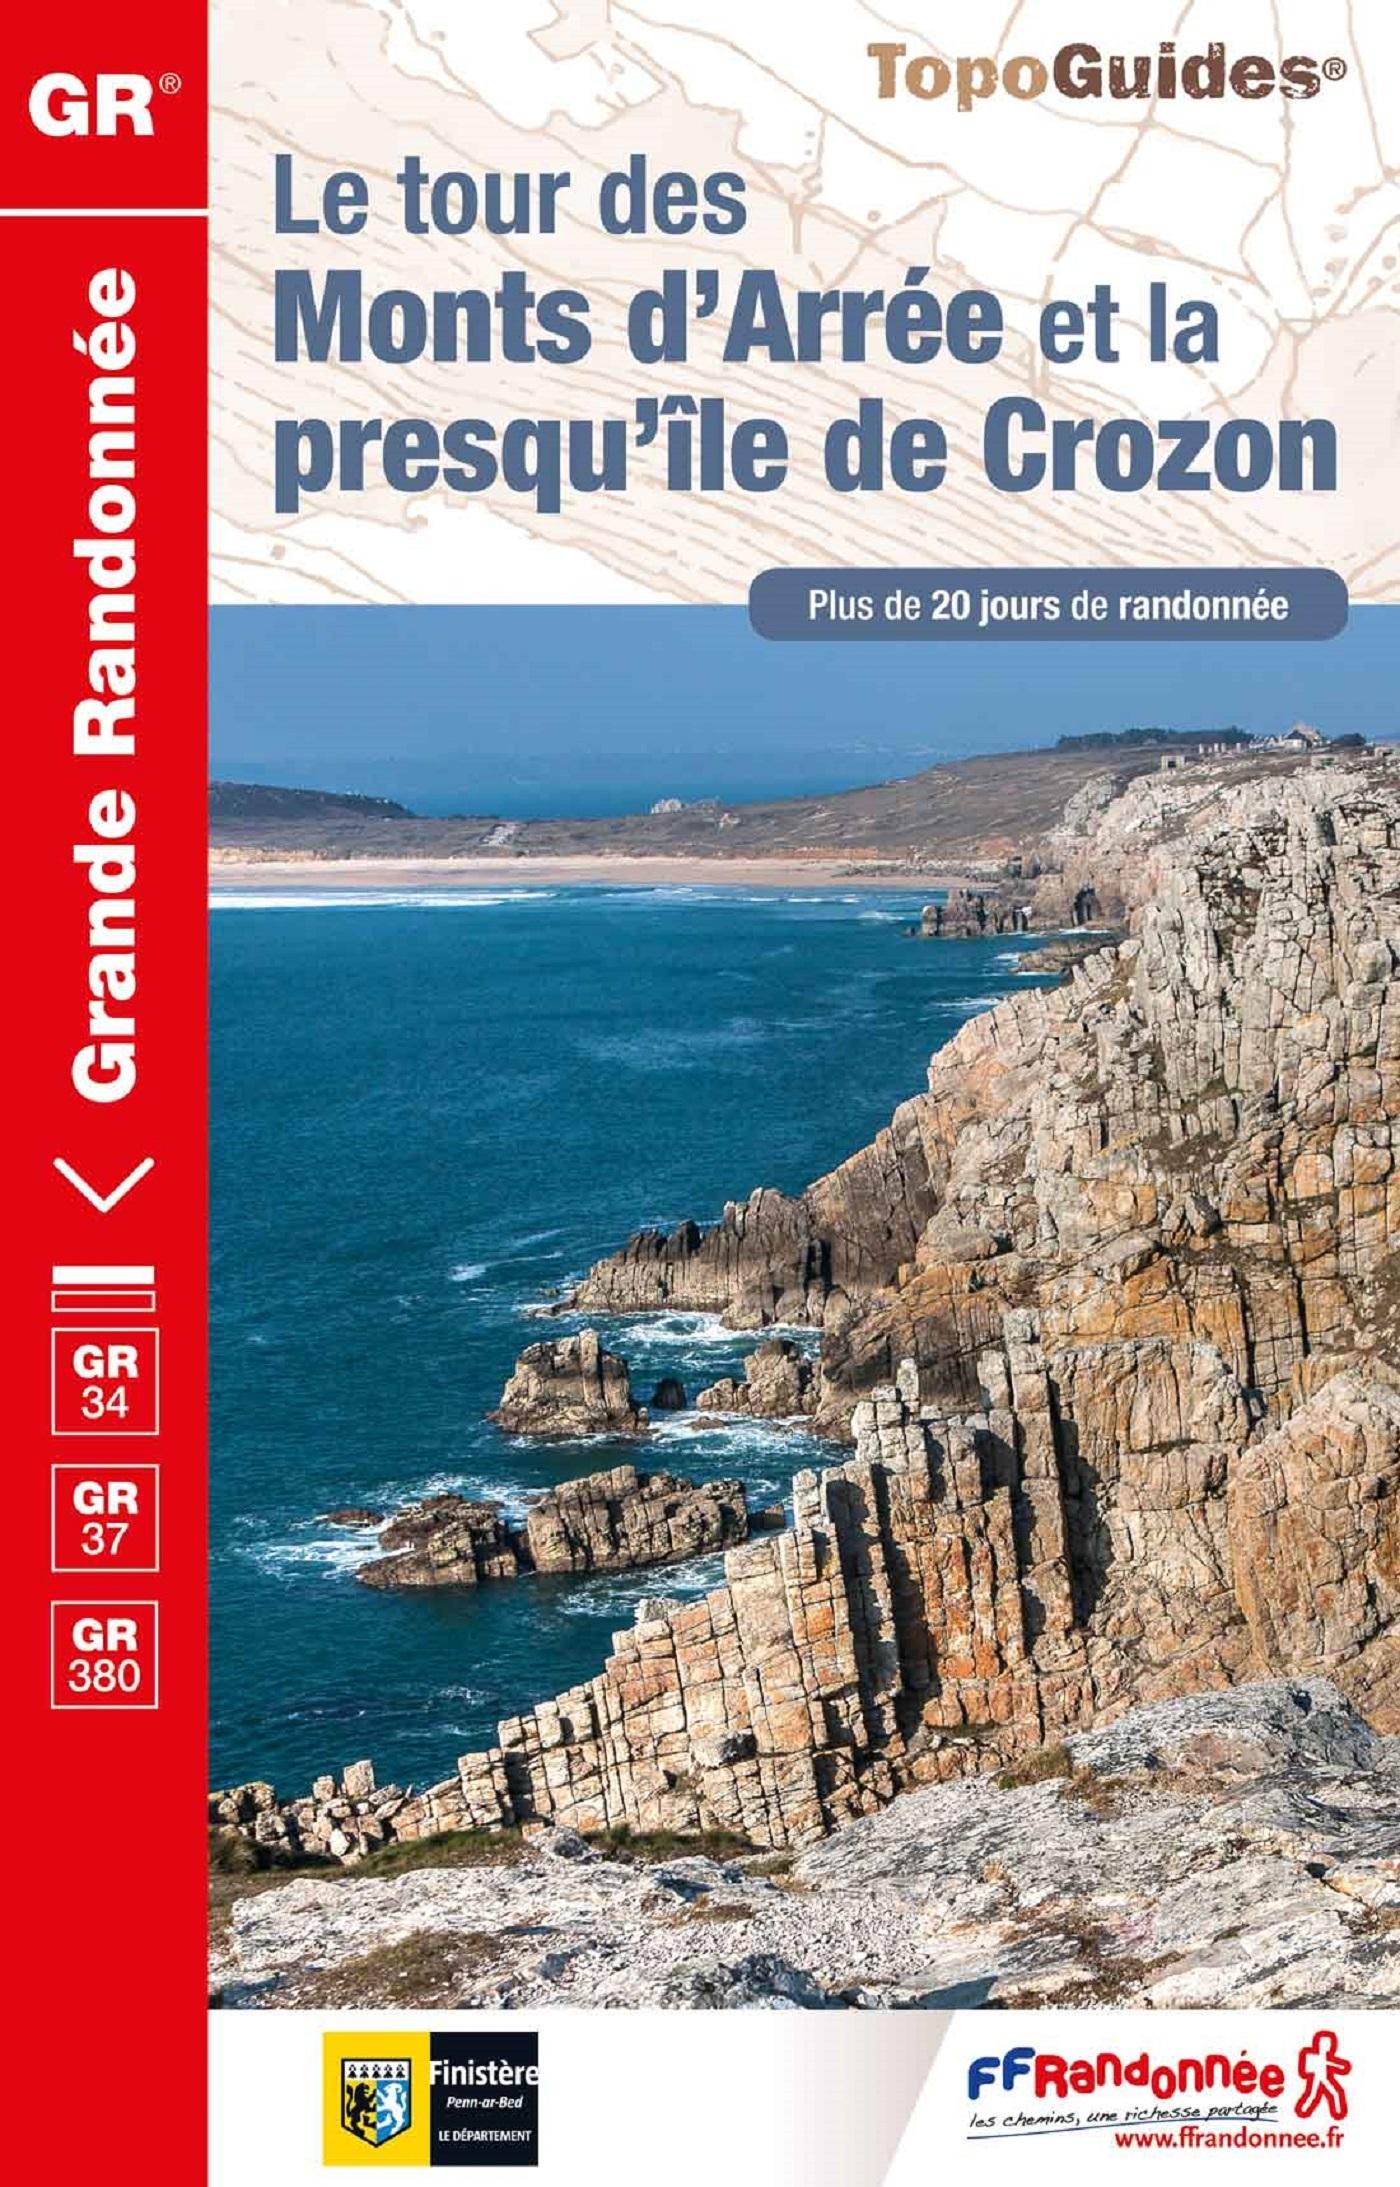 LE TOUR DES MONTS D'ARREE ET LA PRESQU'ILE DE CROZON - REF. 380